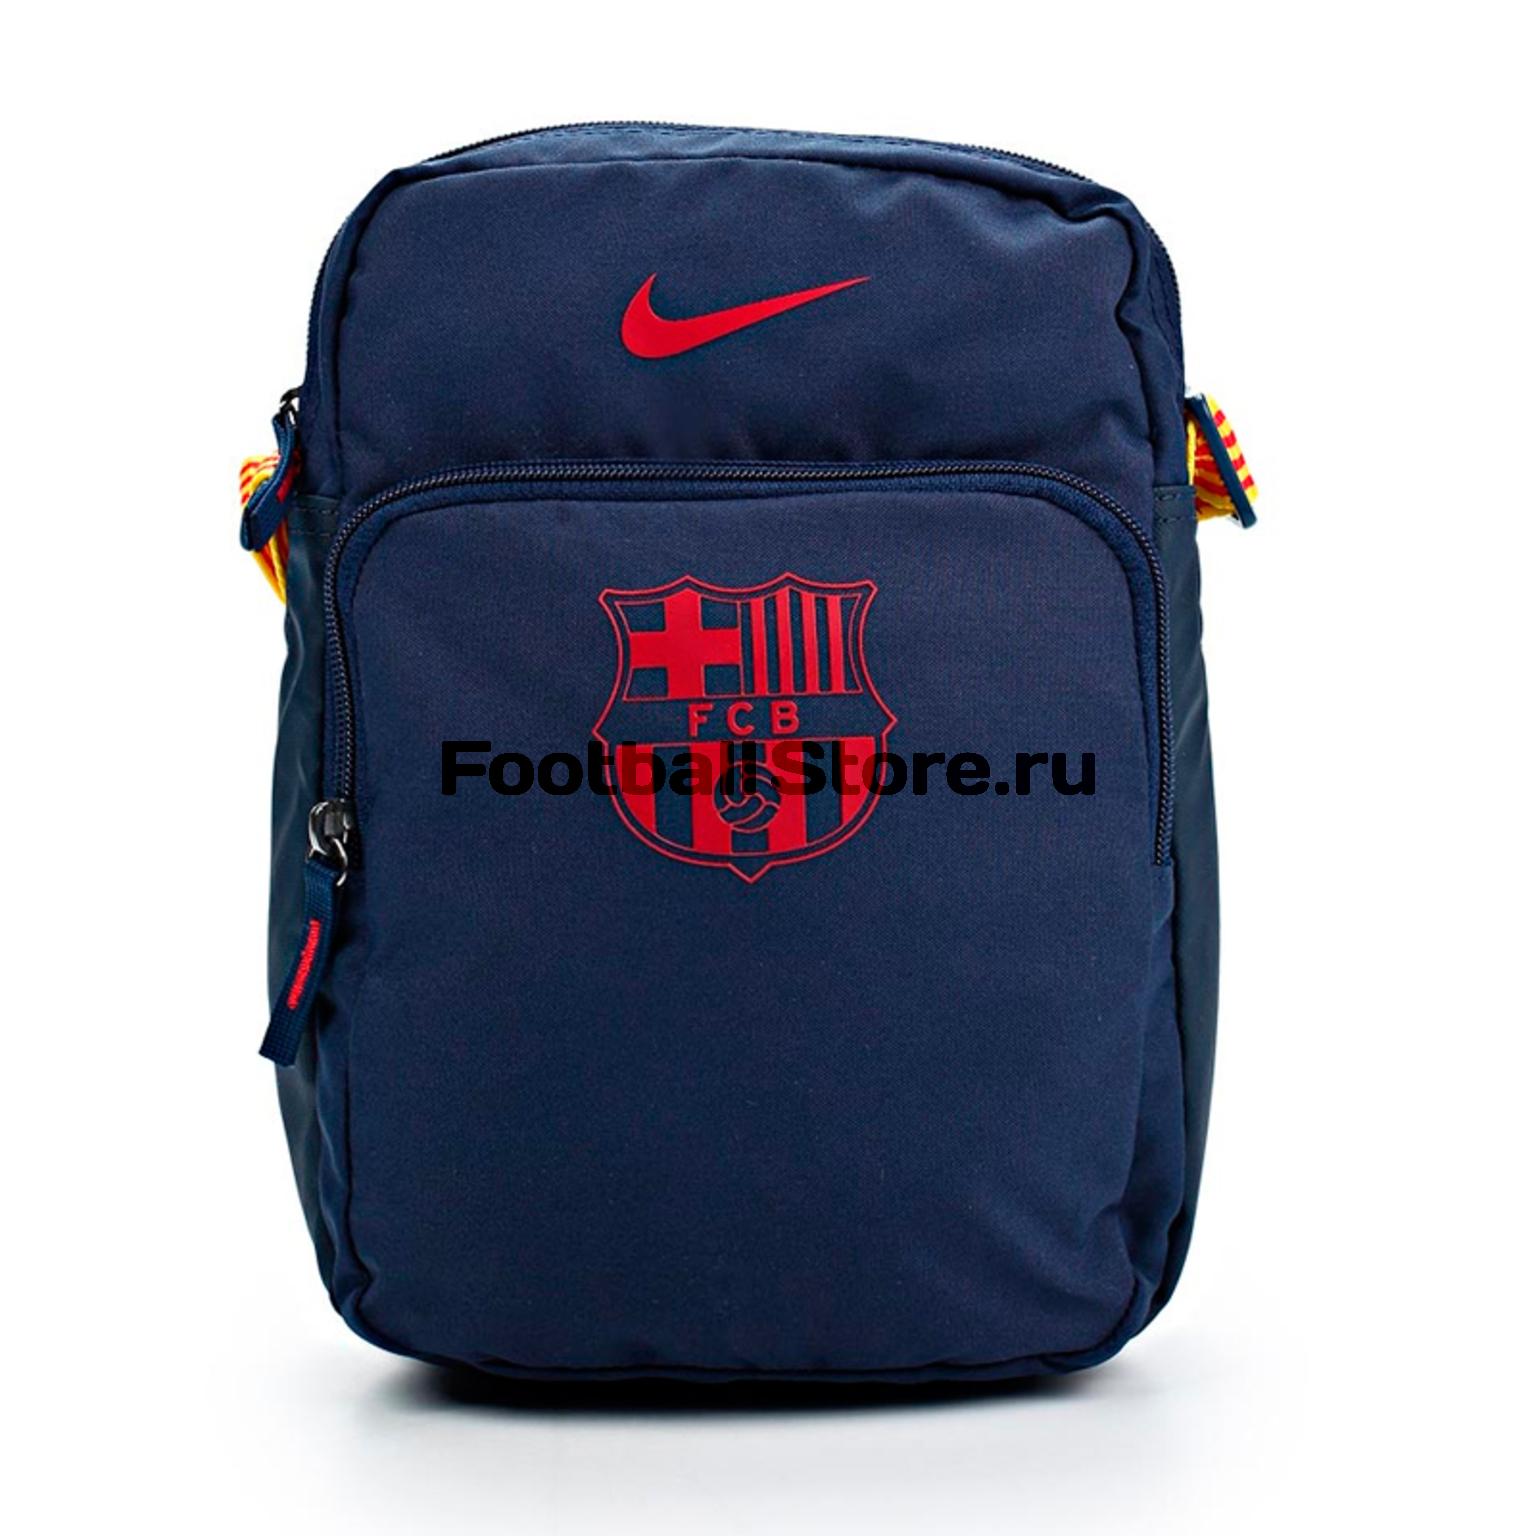 Сумки/Рюкзаки Nike Сумка на плечо Nike Allegiance Barcelona Small BA4746-446